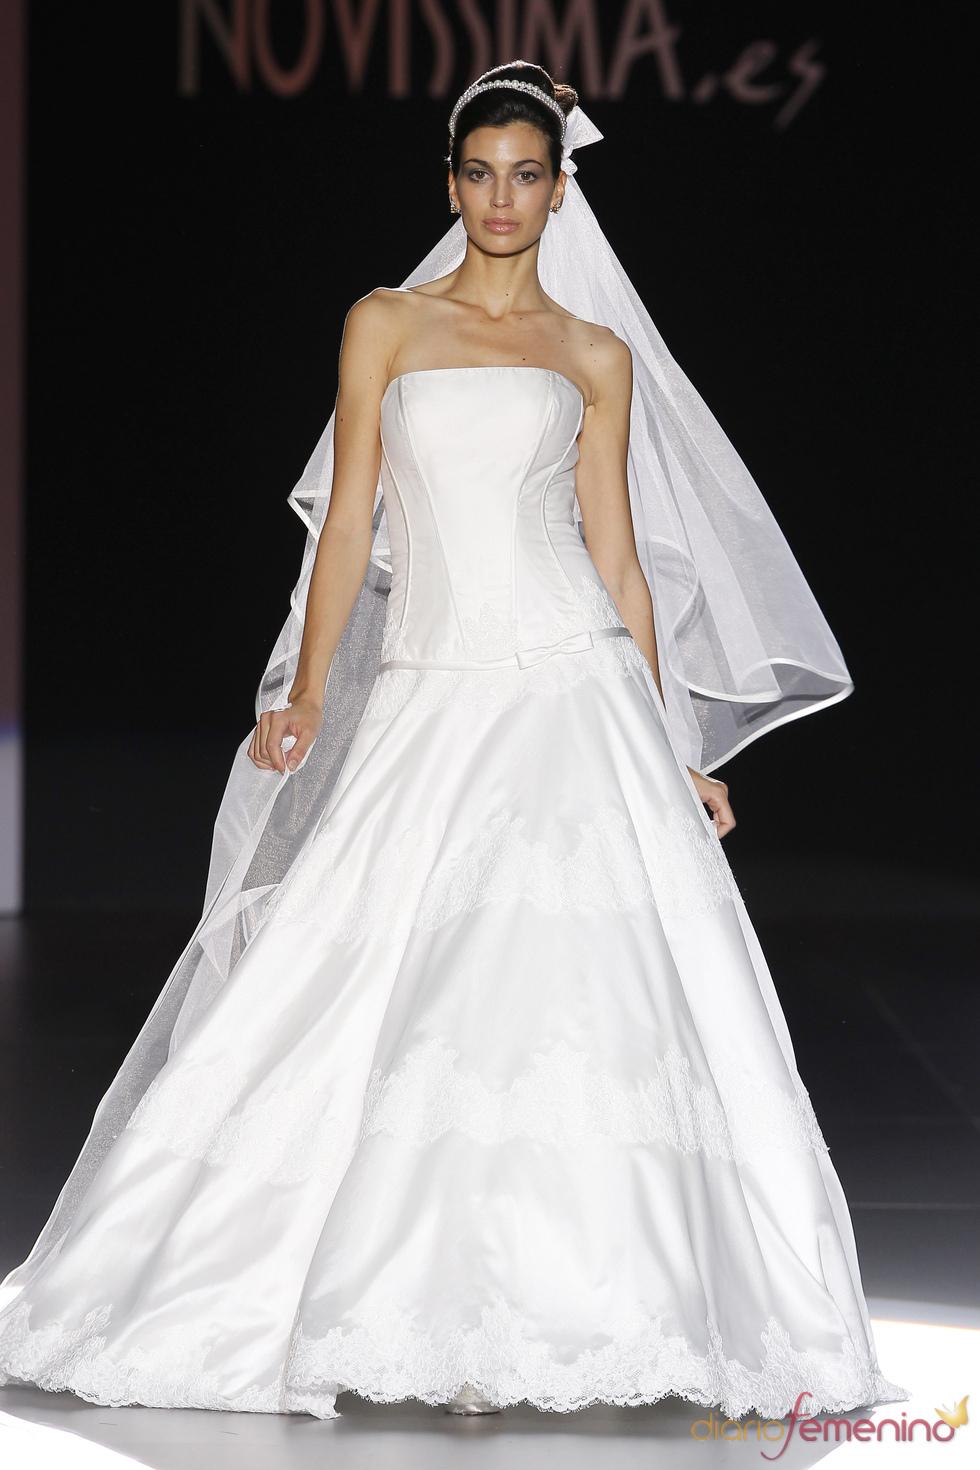 Novissima apuesta por el velo en su colección de novia